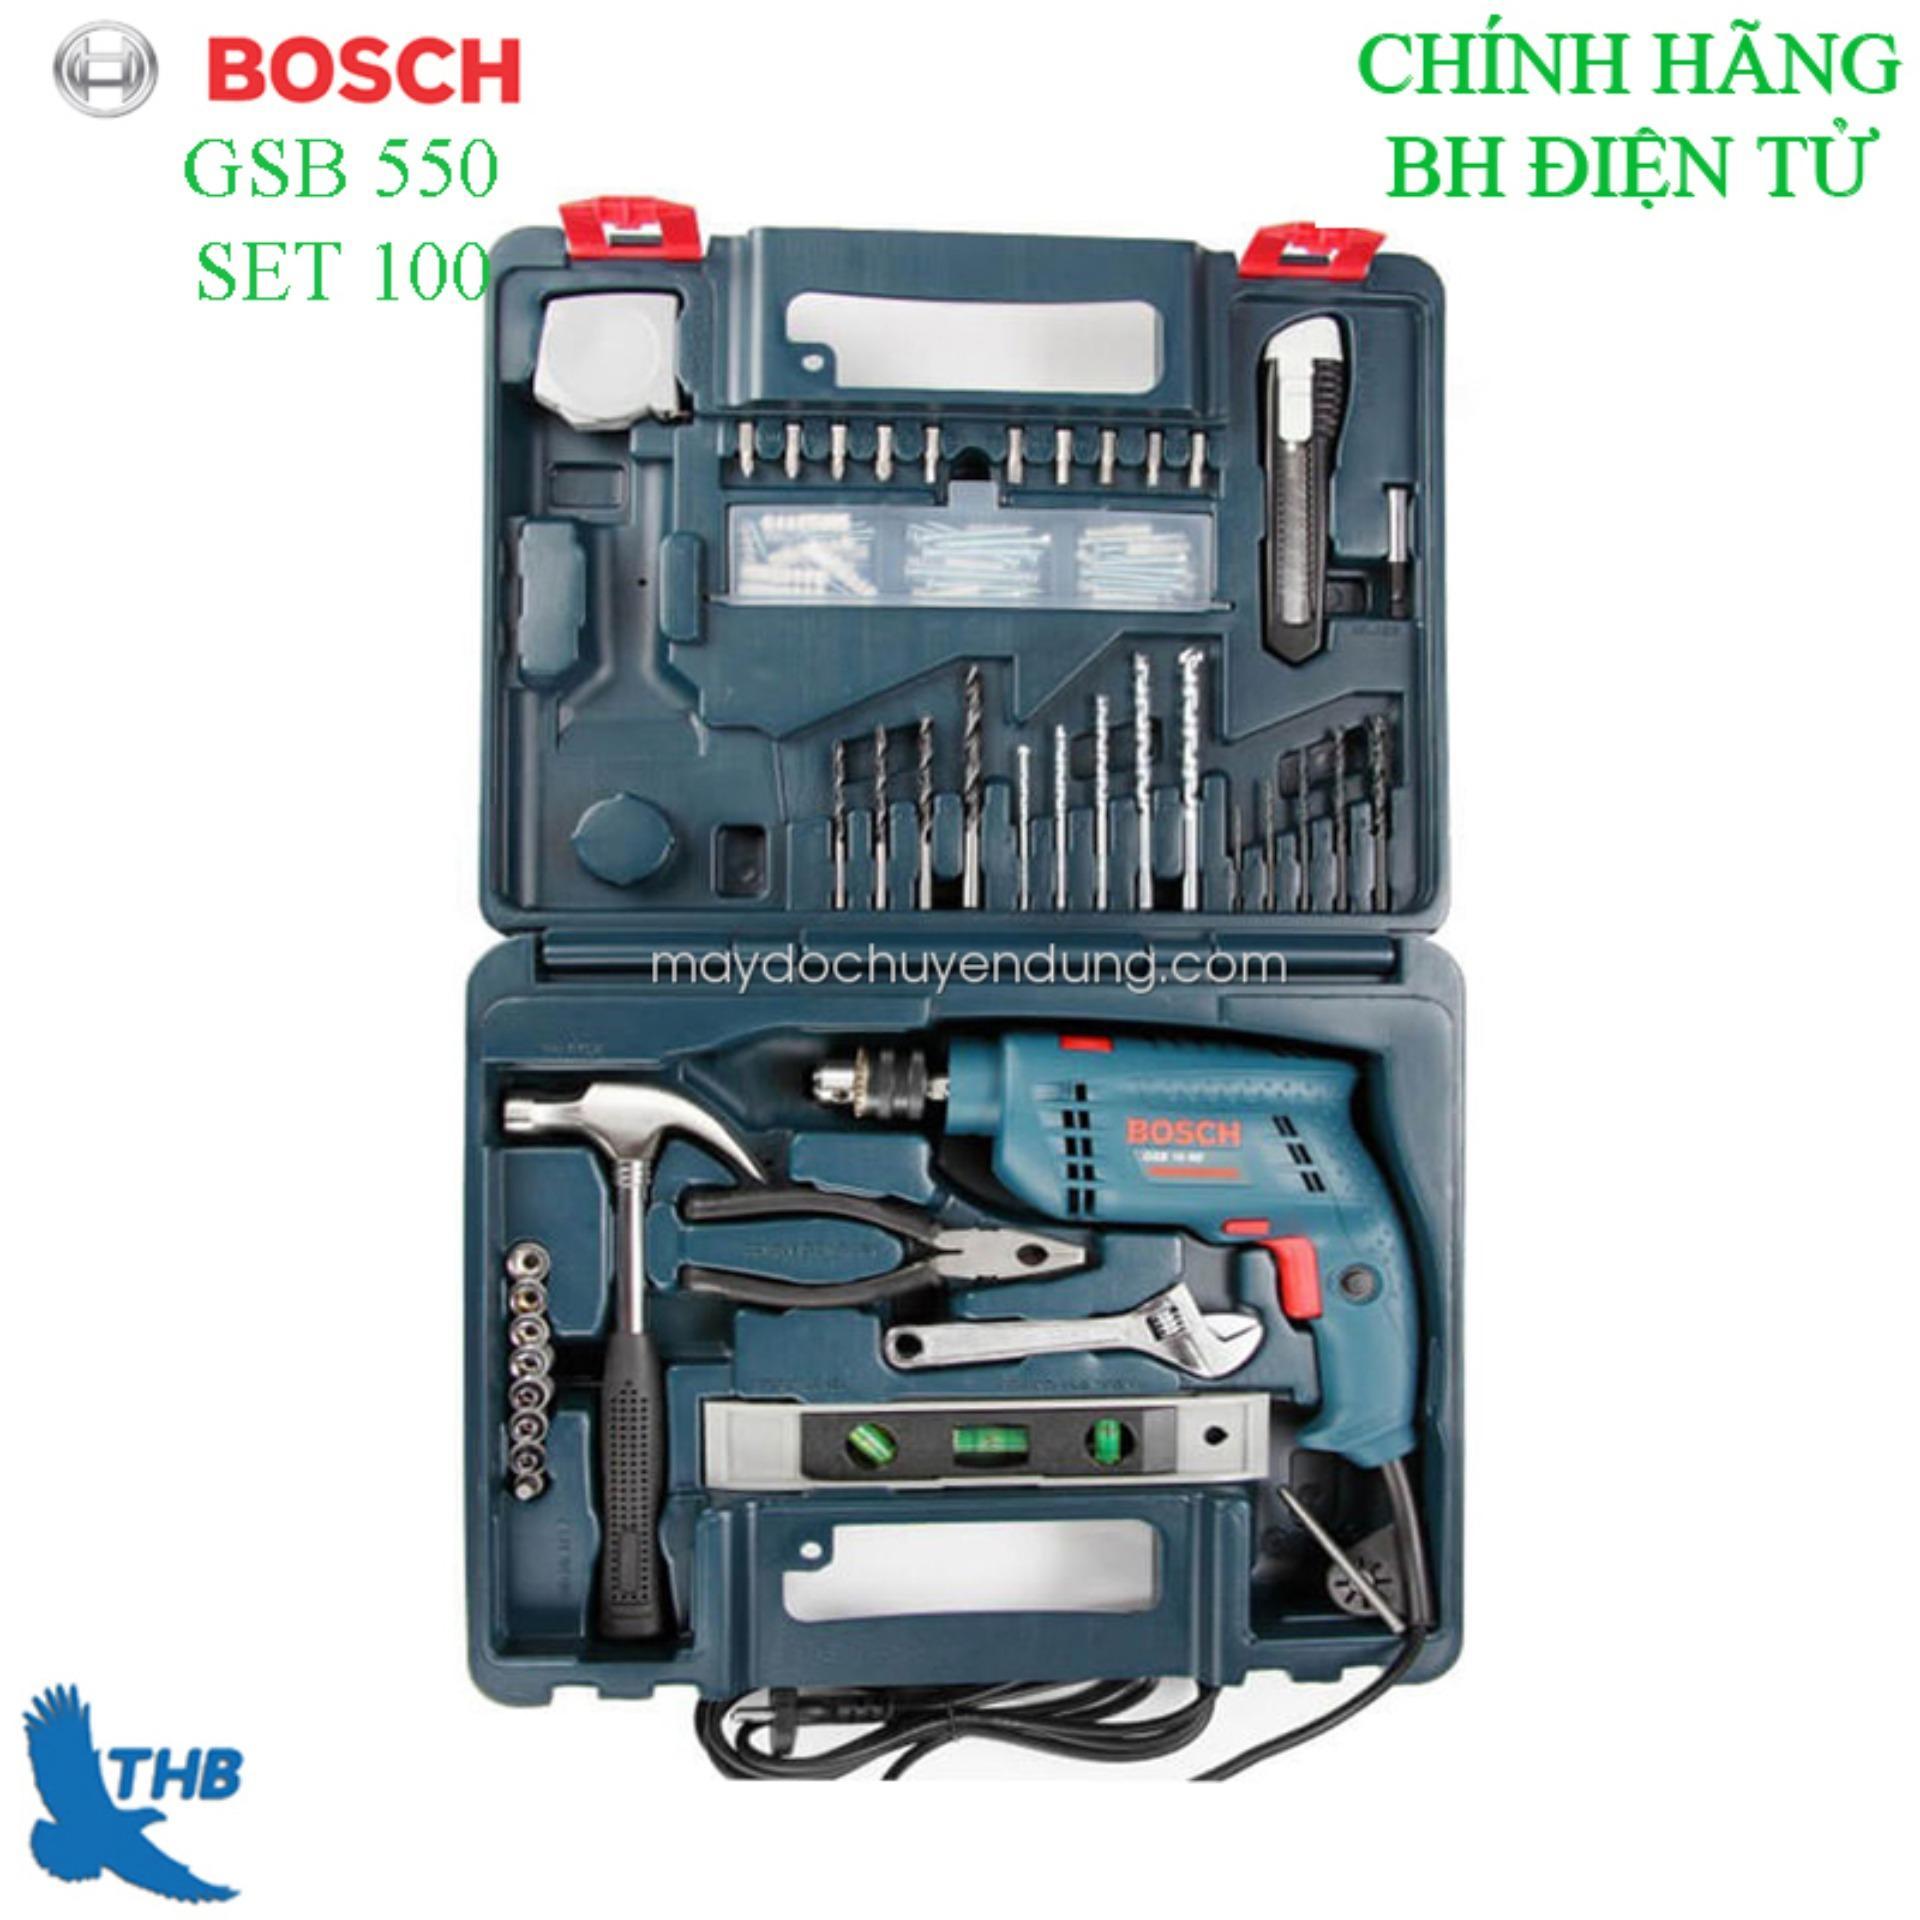 Bộ máy khoan động lực Bosch GSB 550 set 100 món phụ kiện